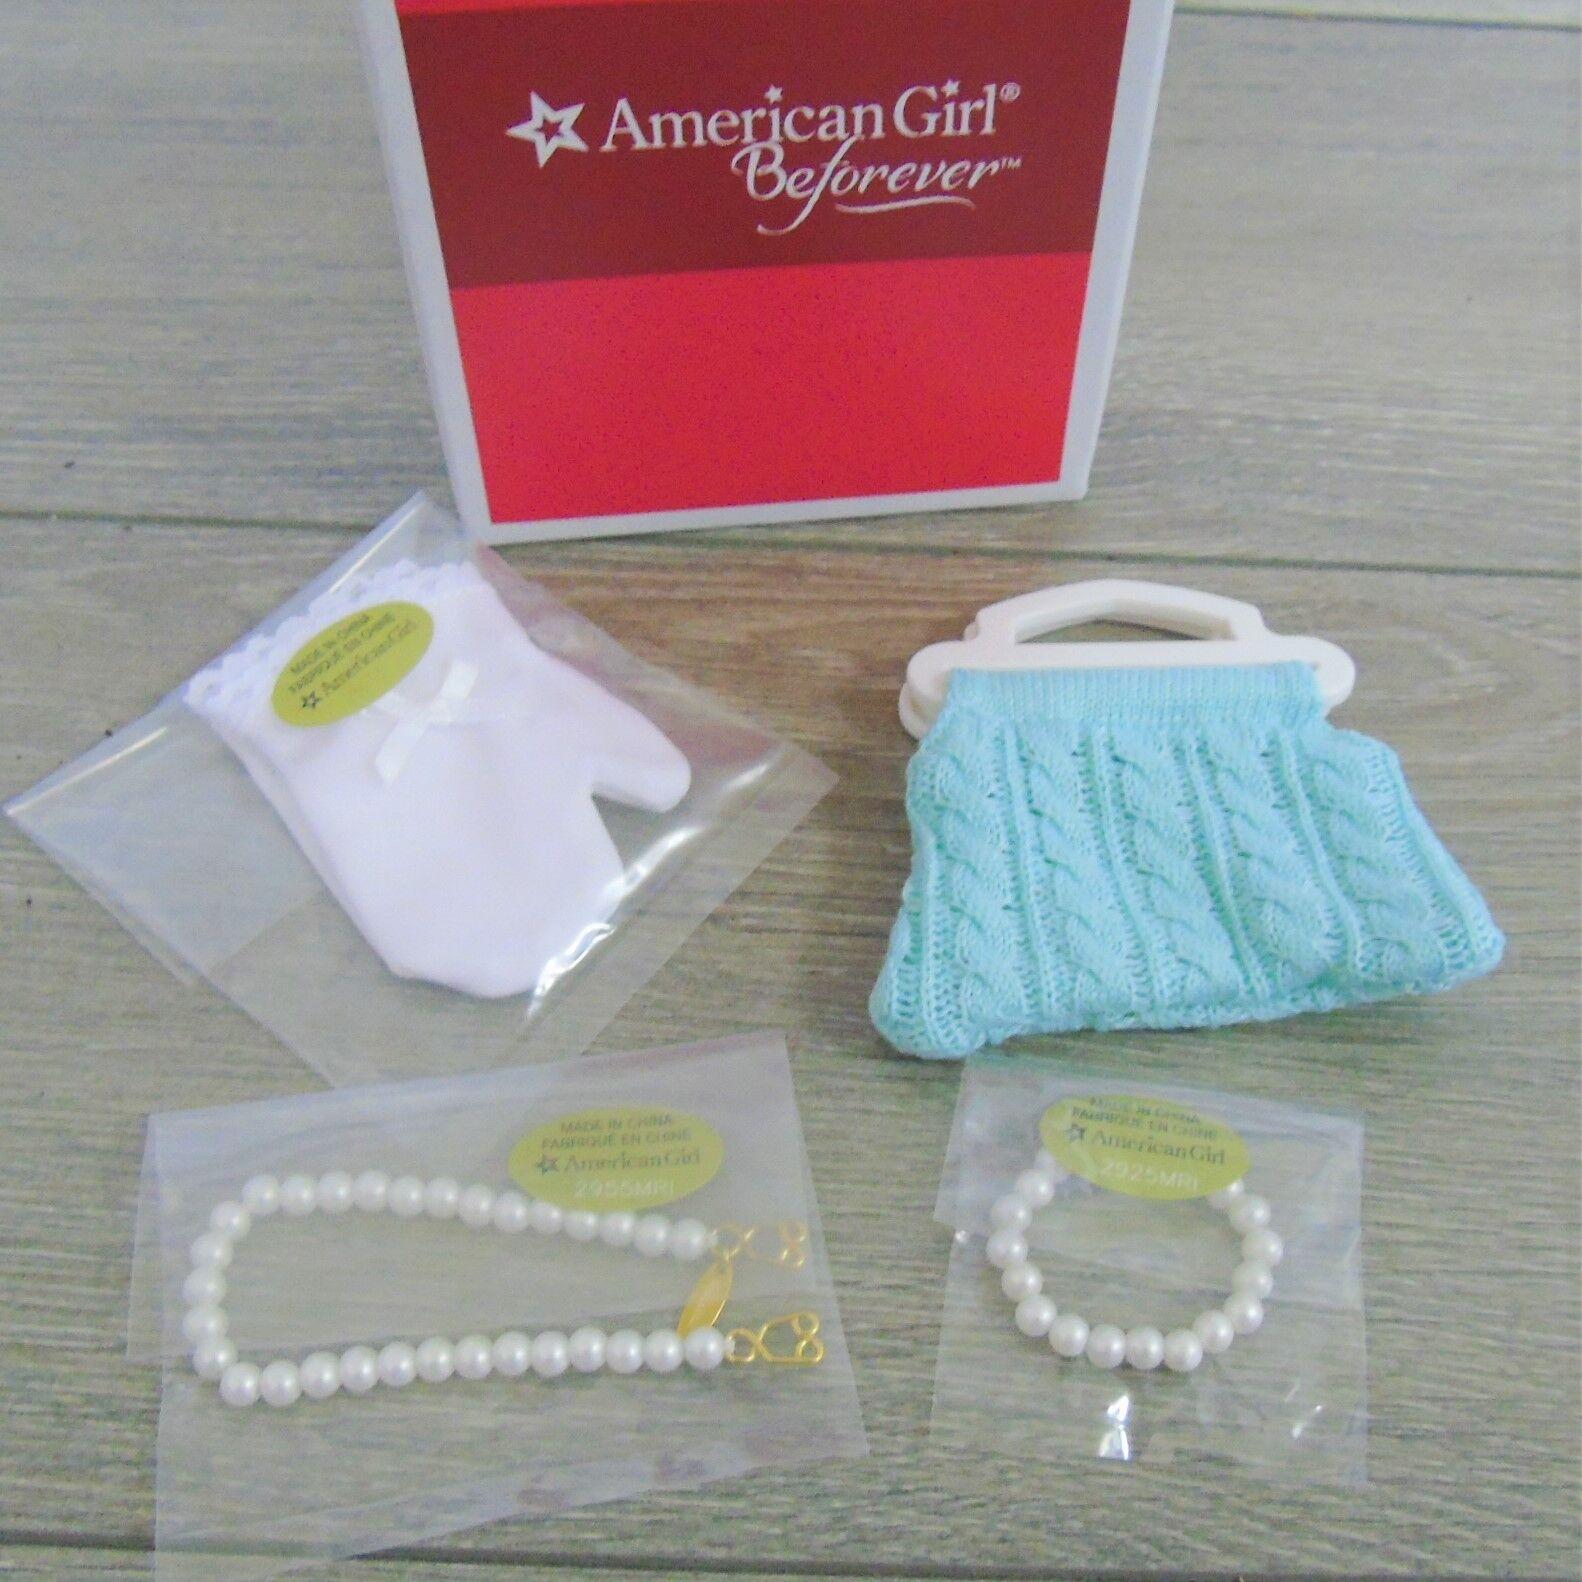 Nuovo American Girl Maryellen Bambola Accessori Collana di Perle Bracciale Glove